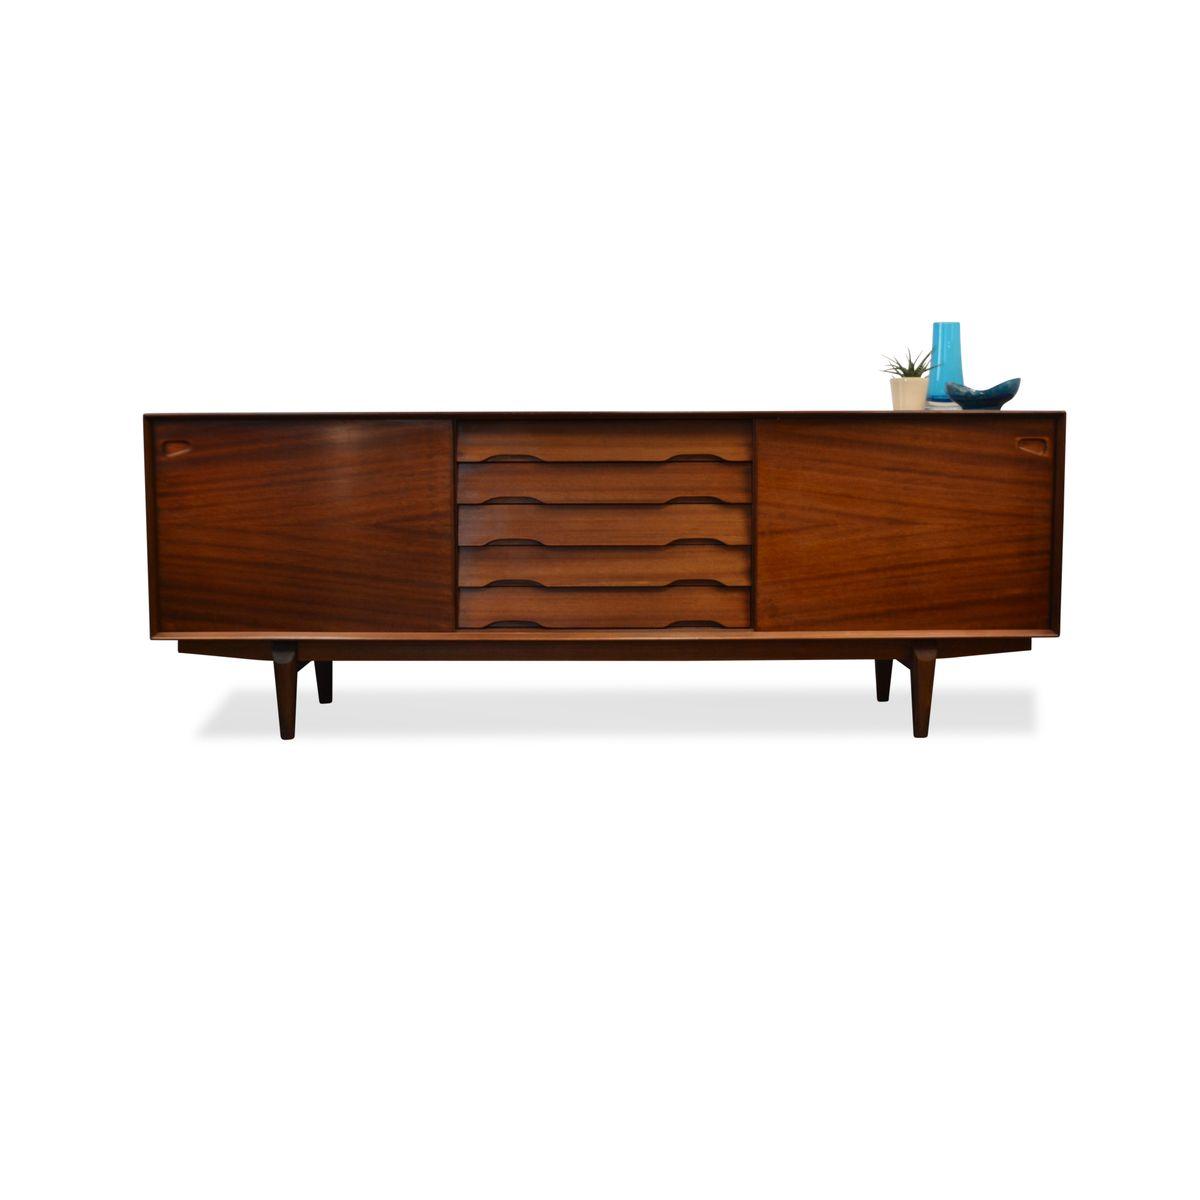 danish rosewood sideboard by henry rosengren for skovby. Black Bedroom Furniture Sets. Home Design Ideas